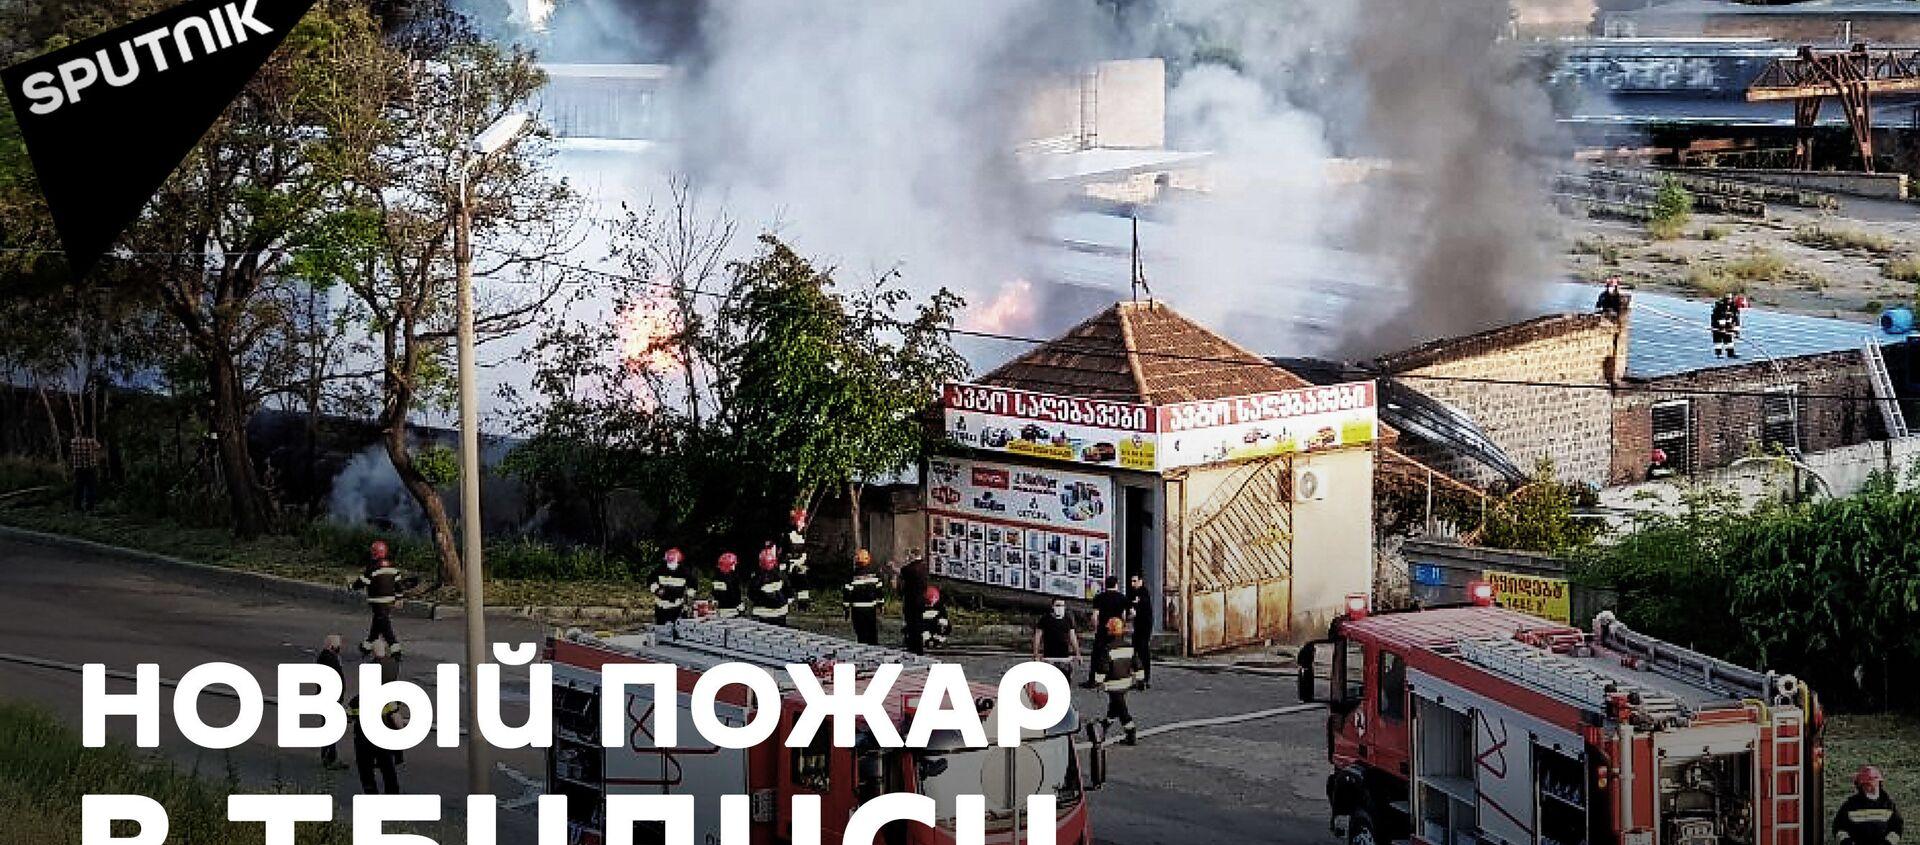 Новый пожар в Тбилиси: сгорел склад c пластиком в районе Самгори - видео - Sputnik Грузия, 1920, 12.05.2021